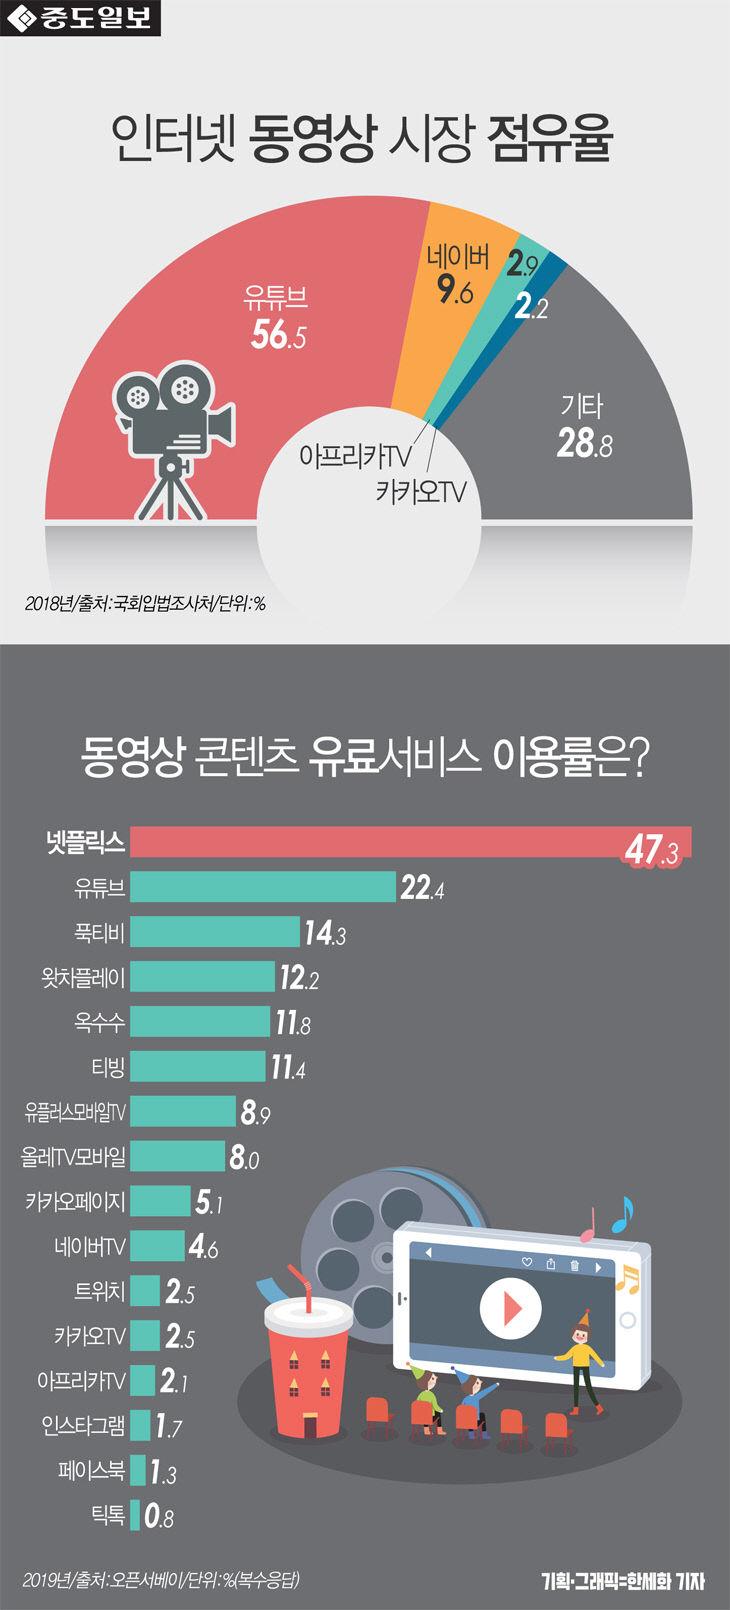 [인포그래픽] 인터넷 동영상 점유율 1위 `유튜브` 56.5%... 동영상 유료콘텐츠 서비..